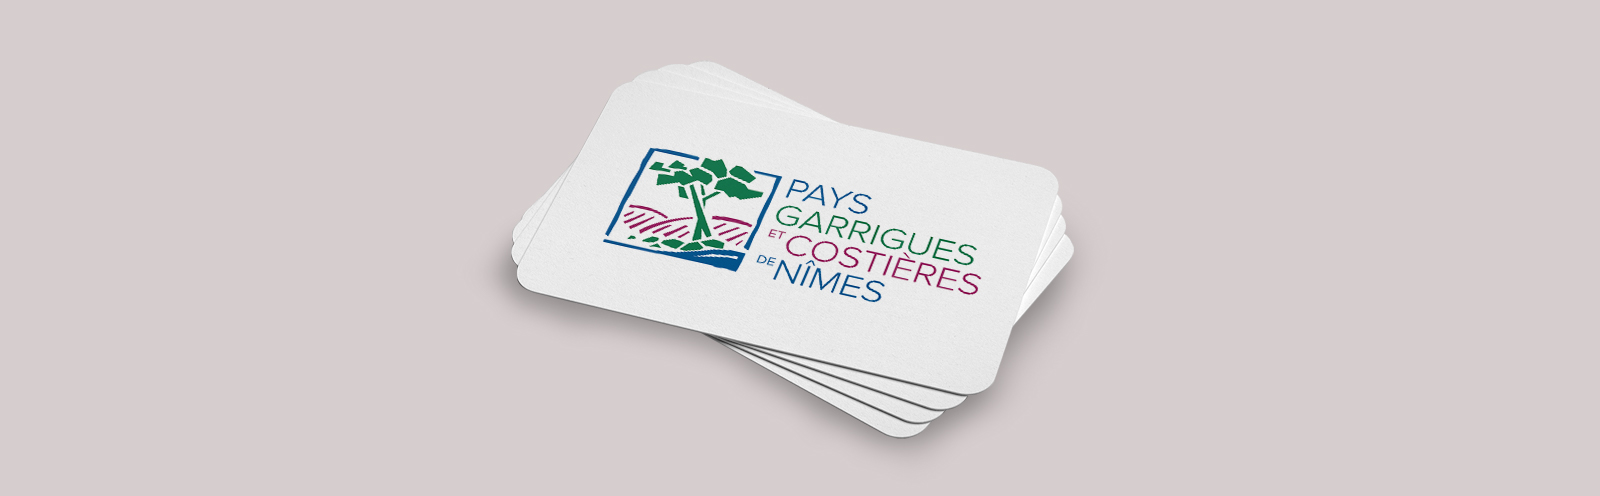 Logo - Pays garrigues et costières de Nimes